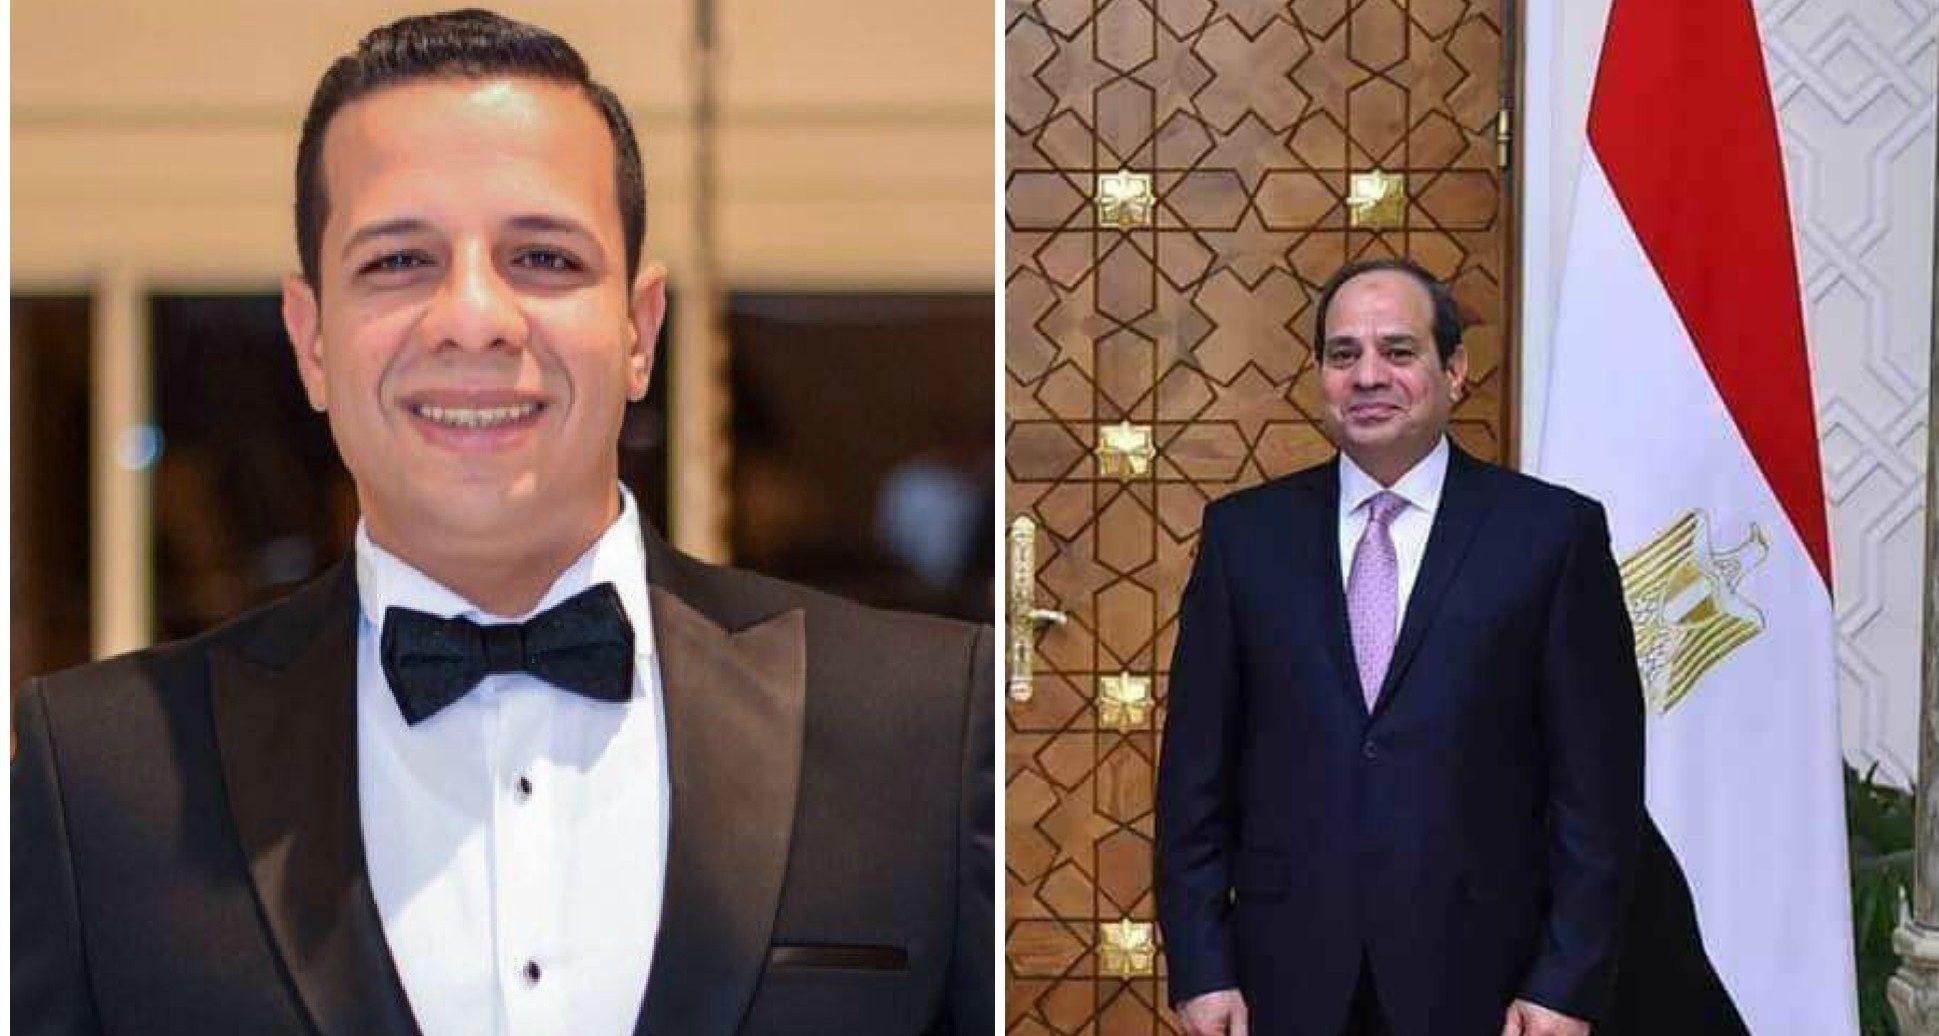 قناوى: الدولة المصرية بقيادتها السياسية ترفض التنمر بكافة أشكاله وأنواعه